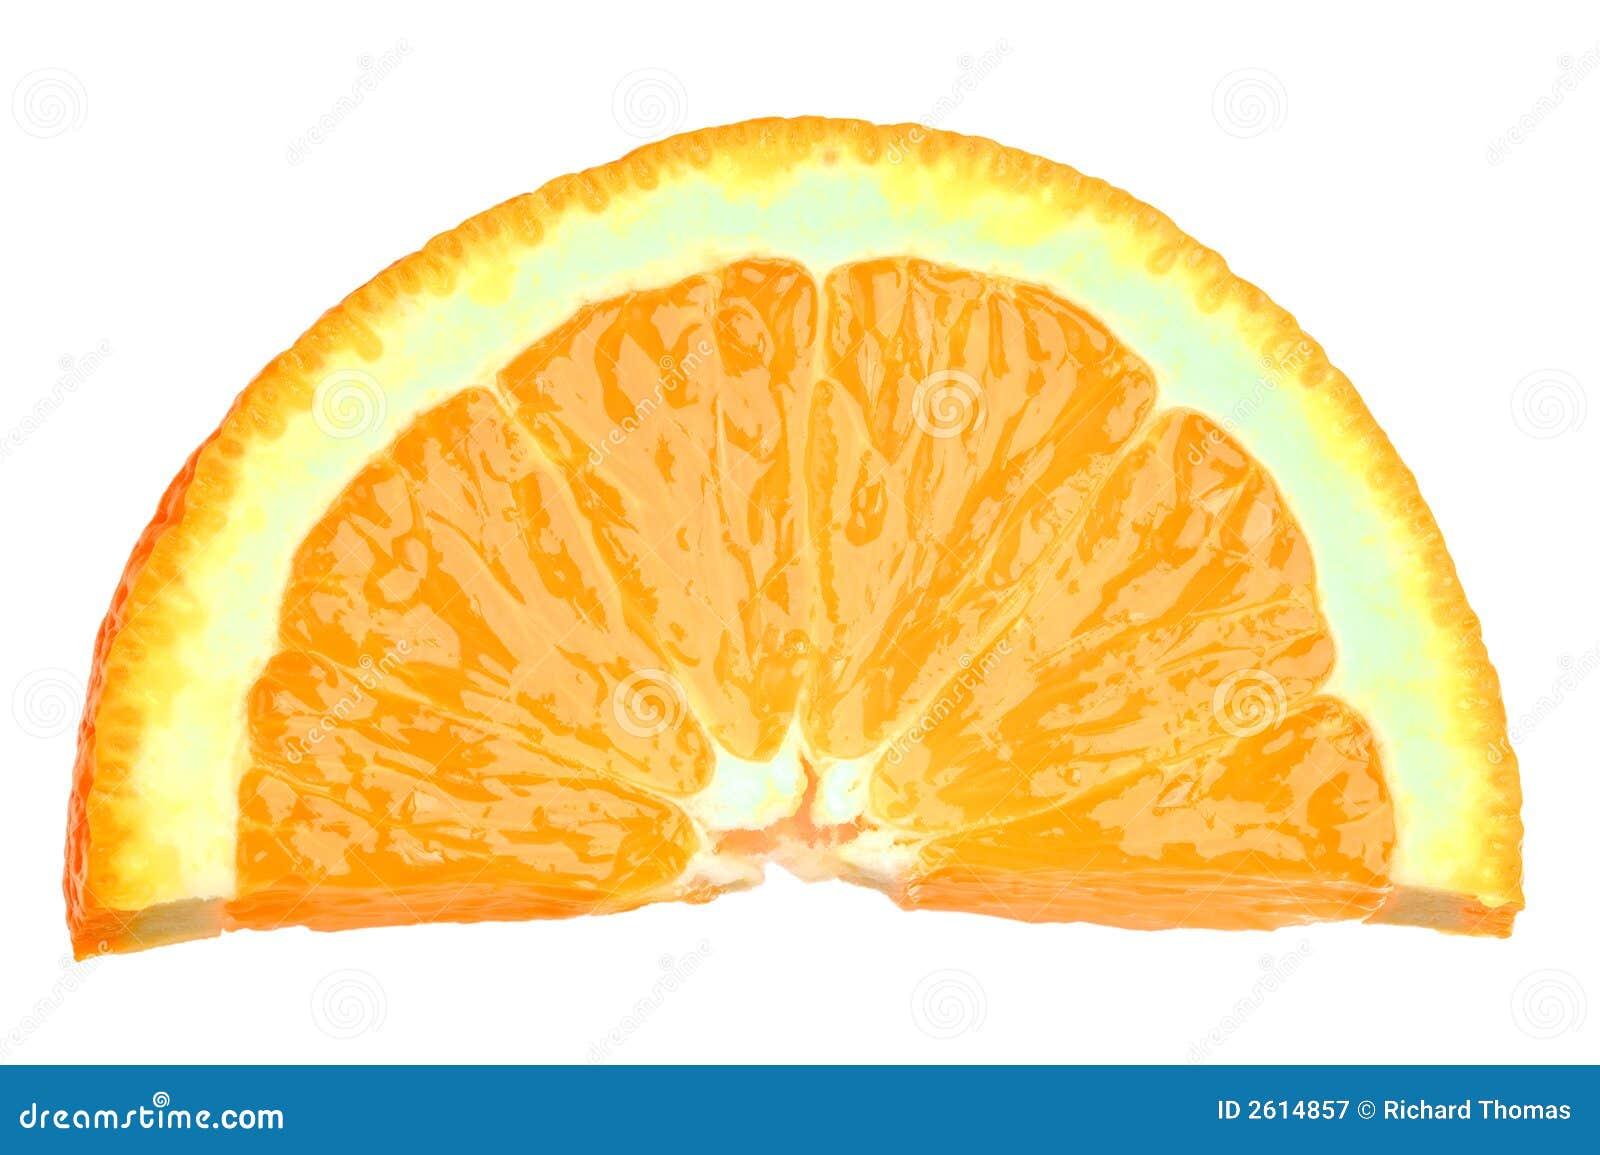 Slice Of Orange Royalty Free Stock Photography - Image: 2614857